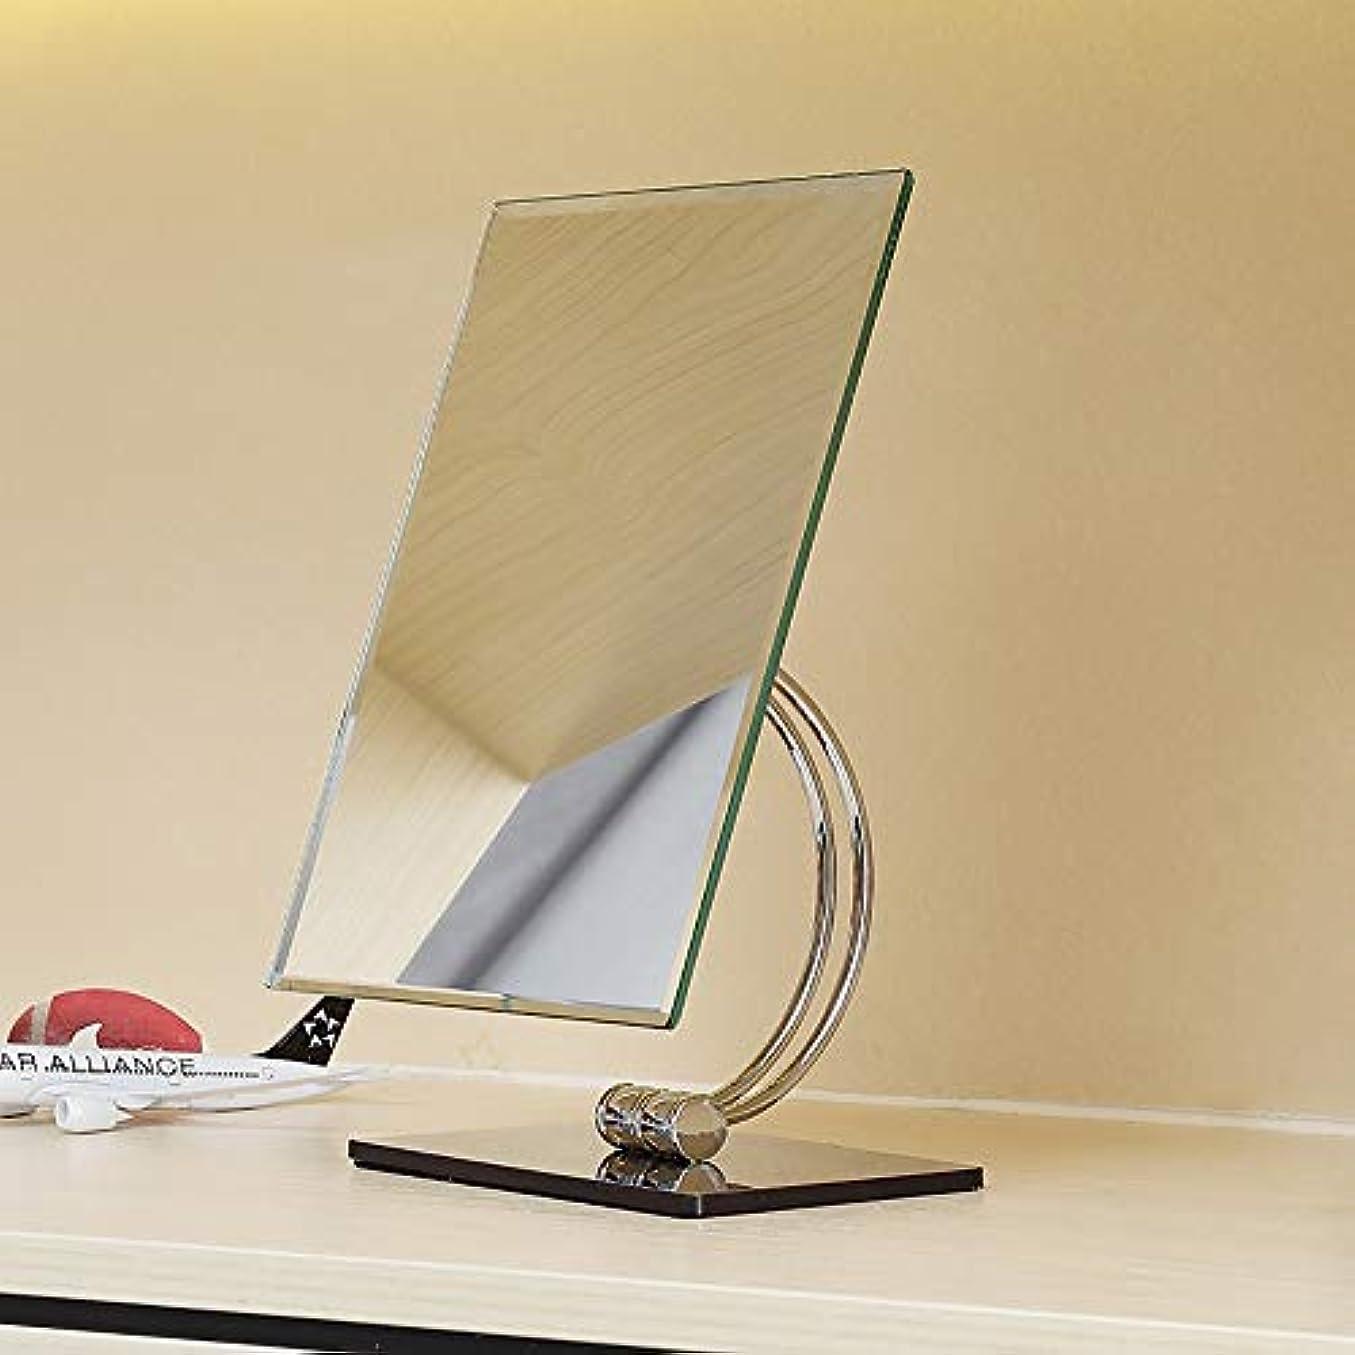 キャスト不振暖かさ流行の スクエア片面HDステンレススチールシルバーミラー+ ABSプラスチックシェル化粧鏡ホームバニティミラーカウンターミラー